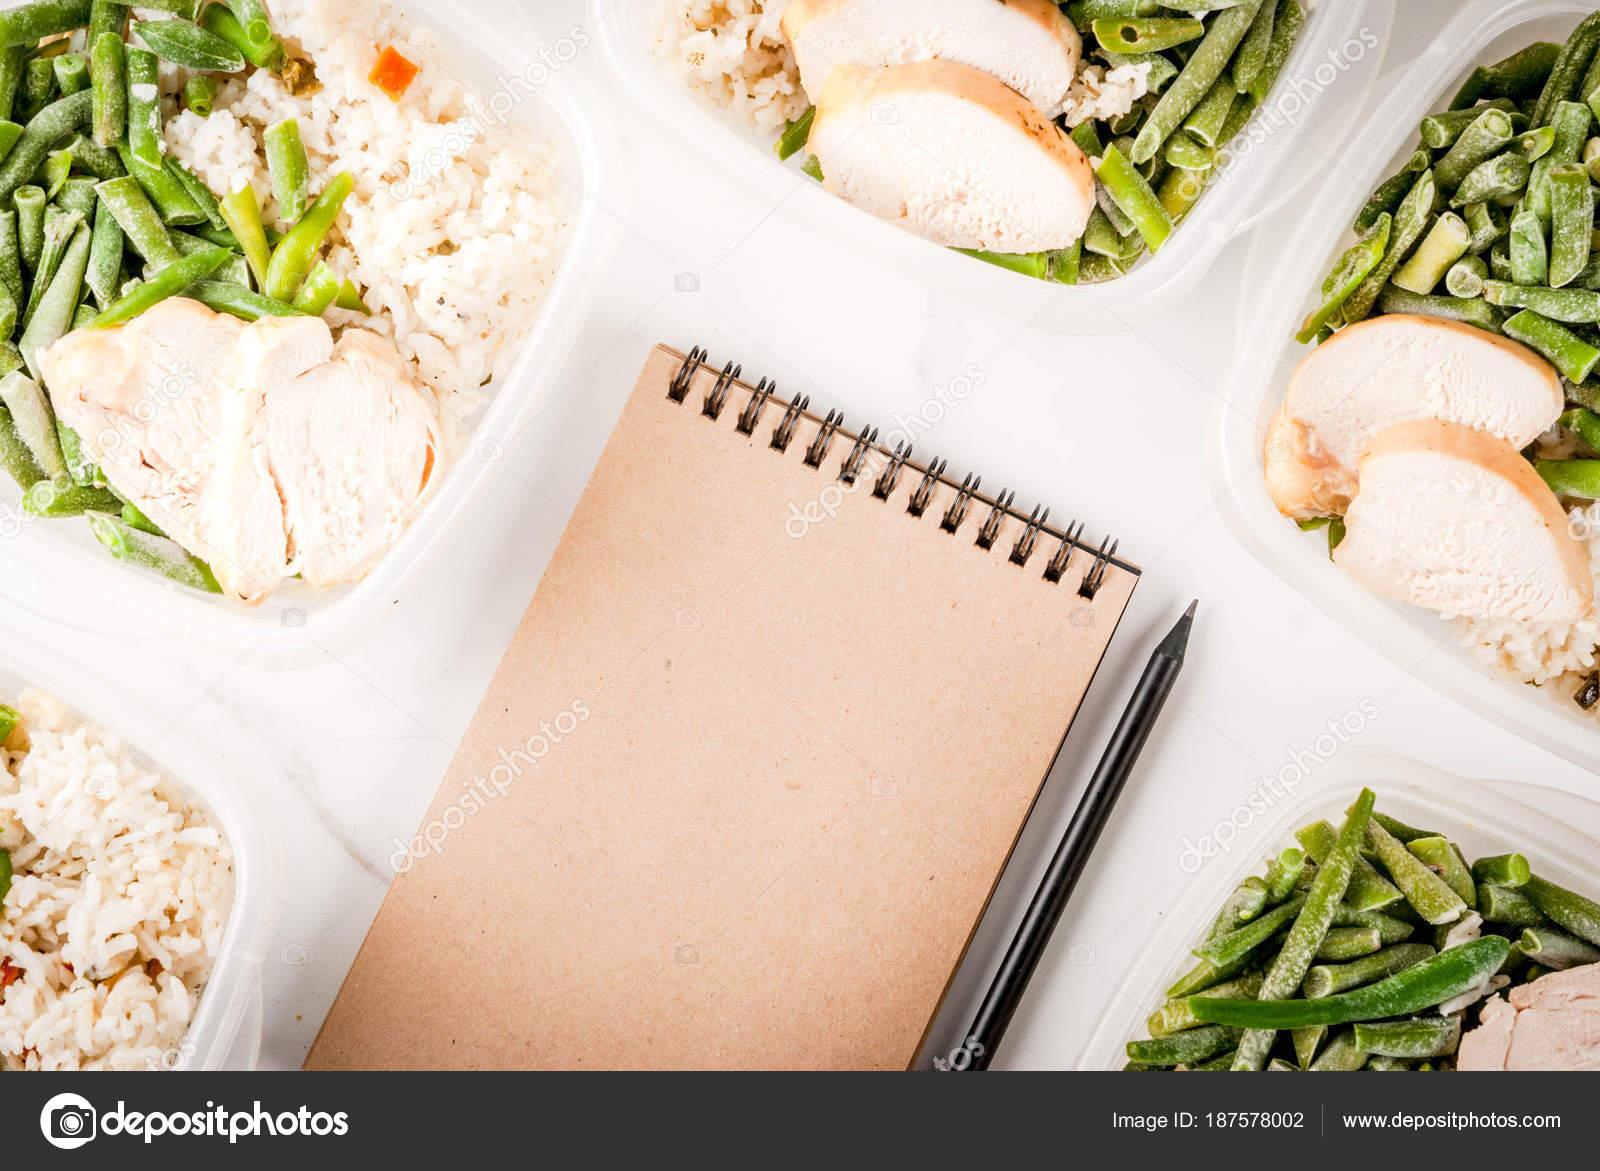 Lebensmittelkontrolle Diat Konzept Orthorhysis Gesunde